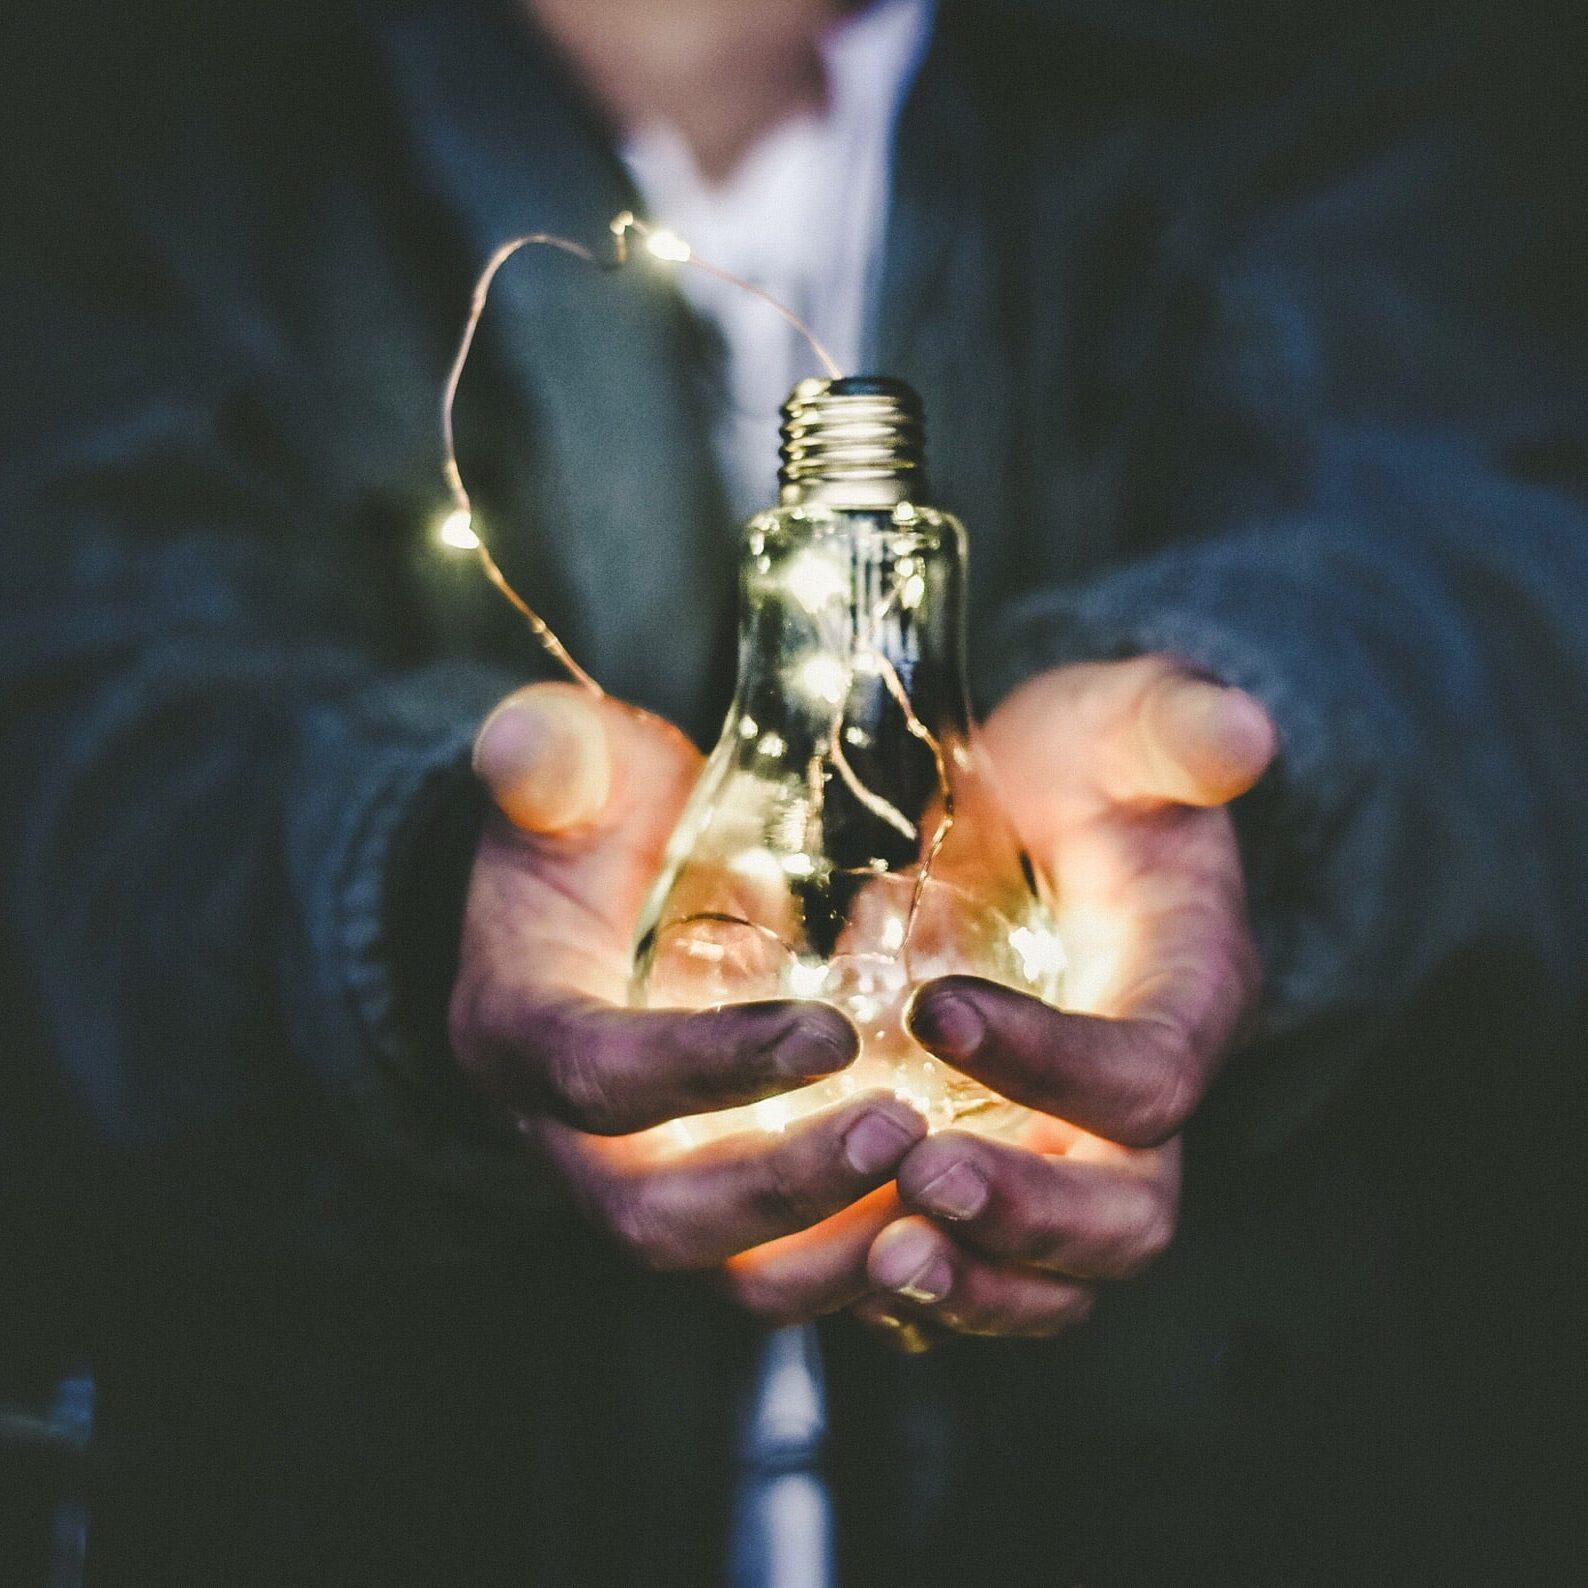 Dłonie trzymające świecącą żarówkę